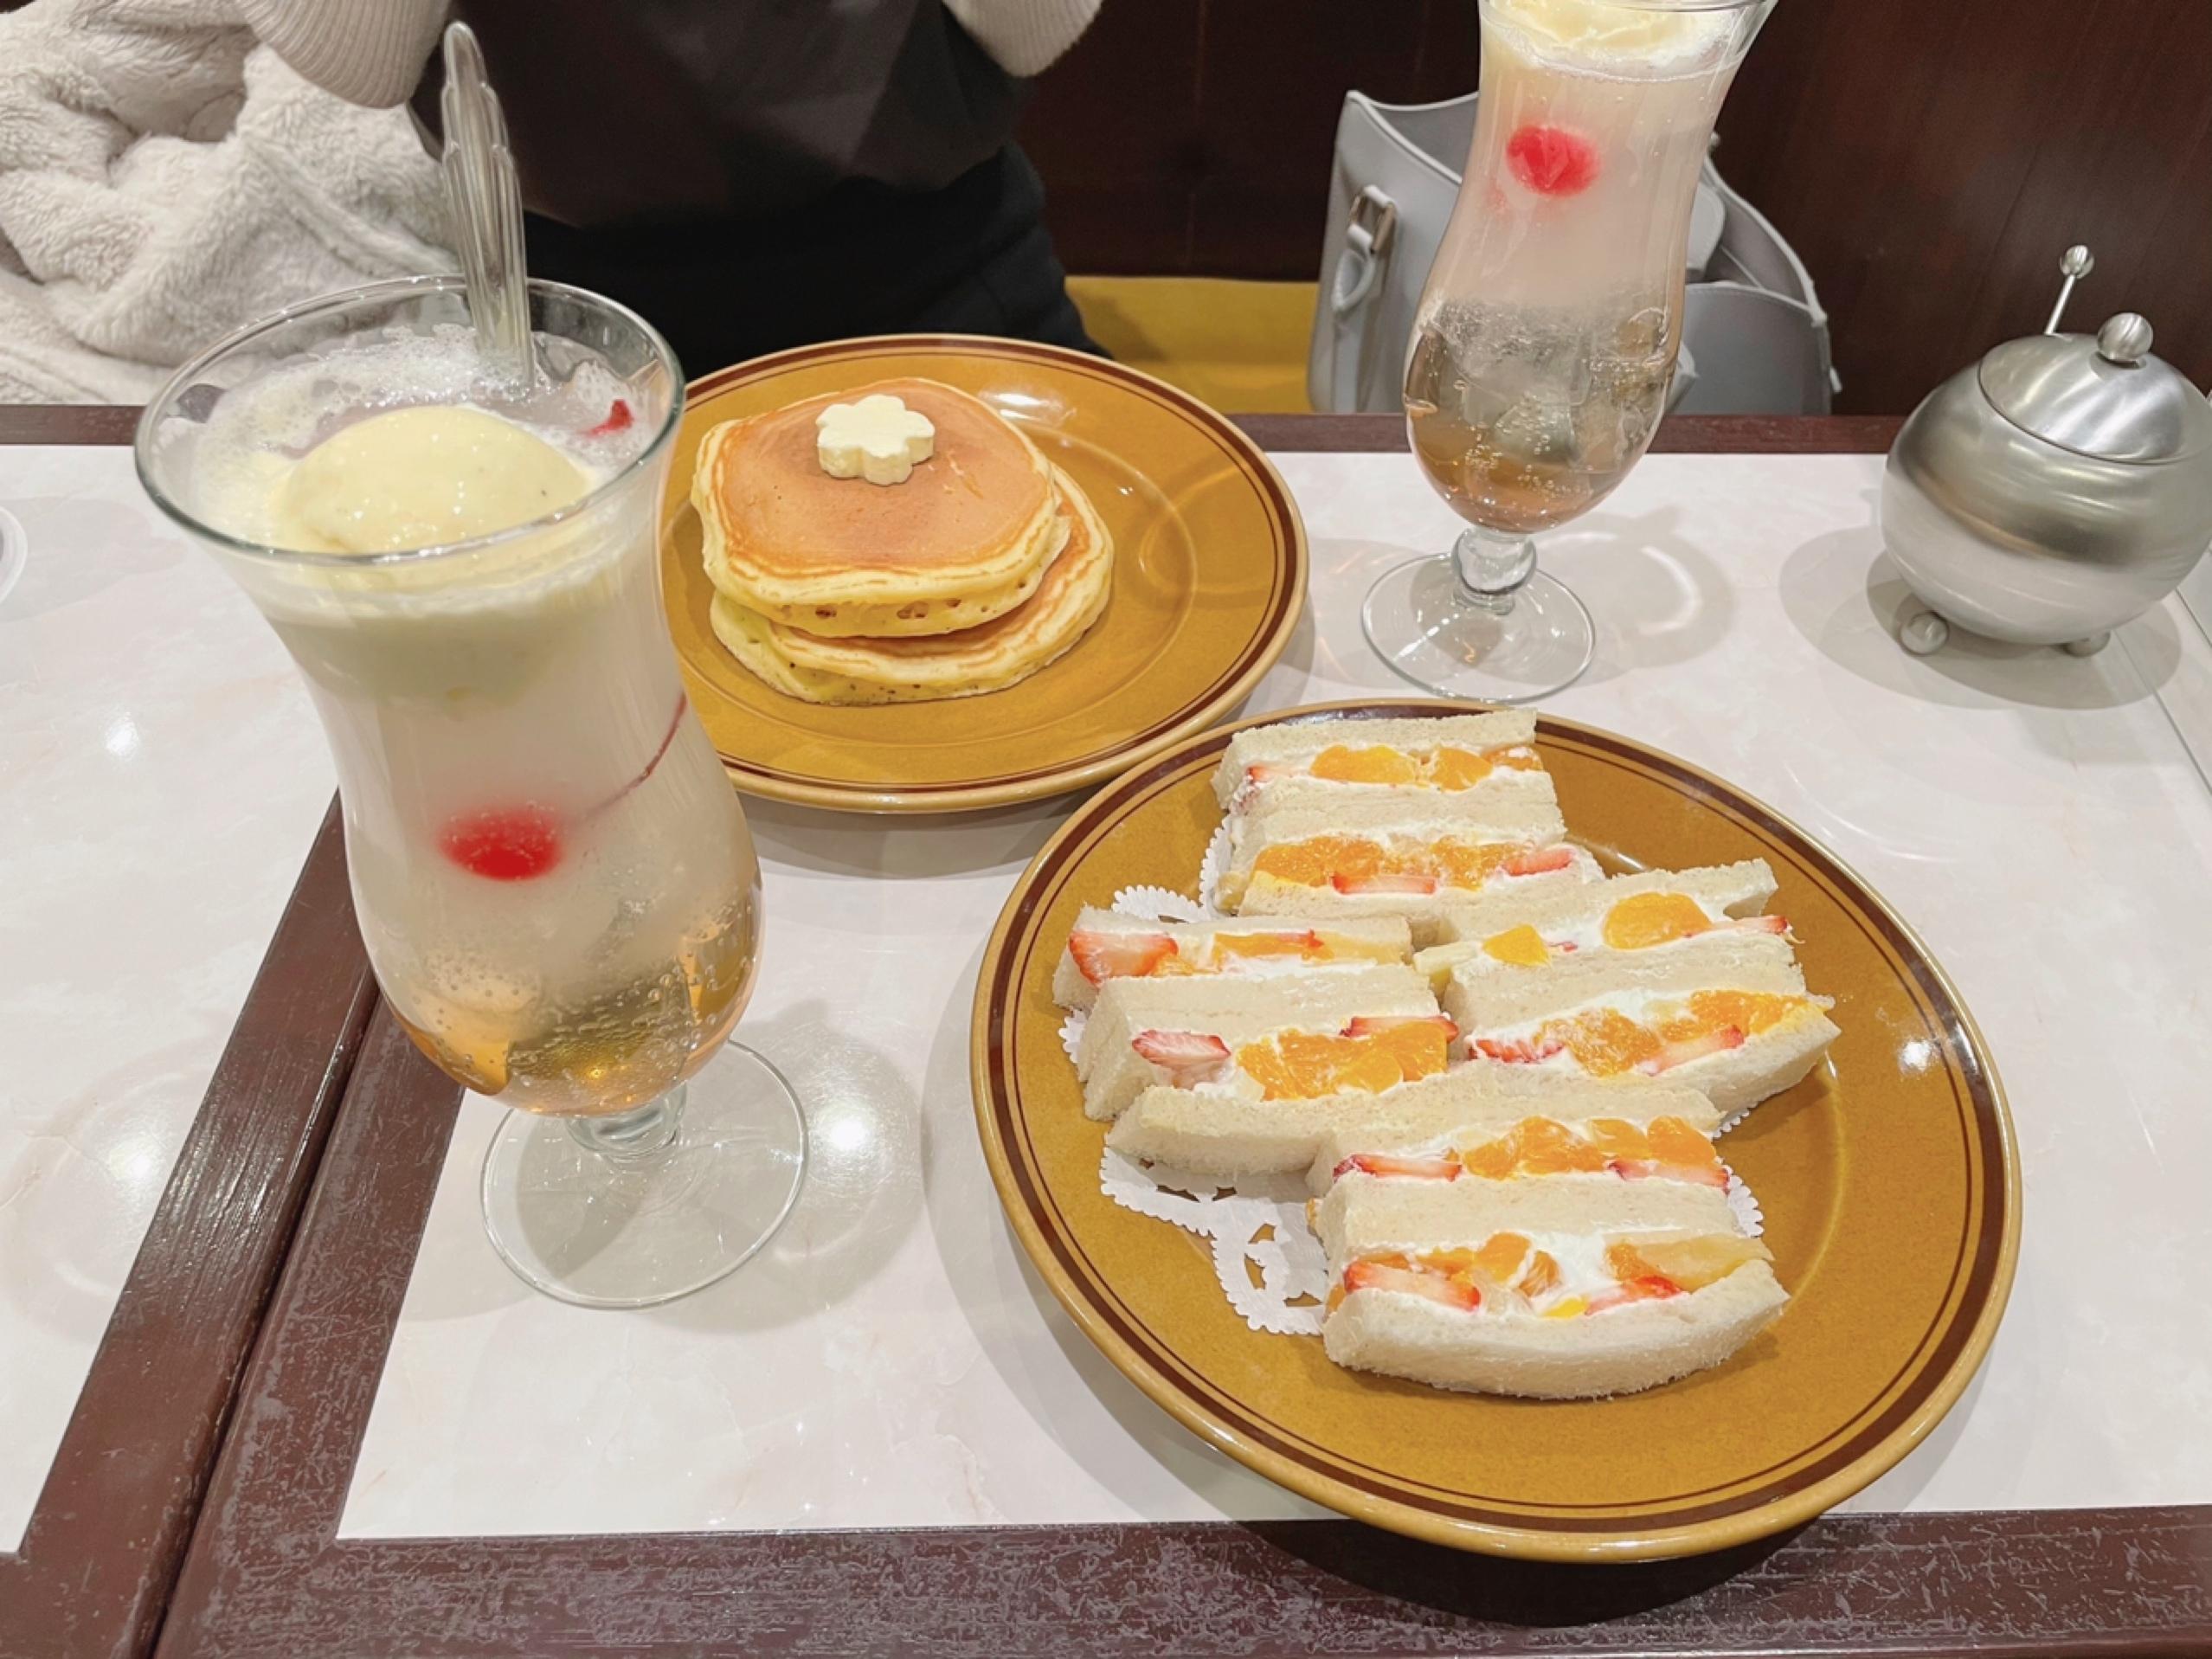 【喫茶店好きオススメ】映える穴場な喫茶店みつけた♡_1_1